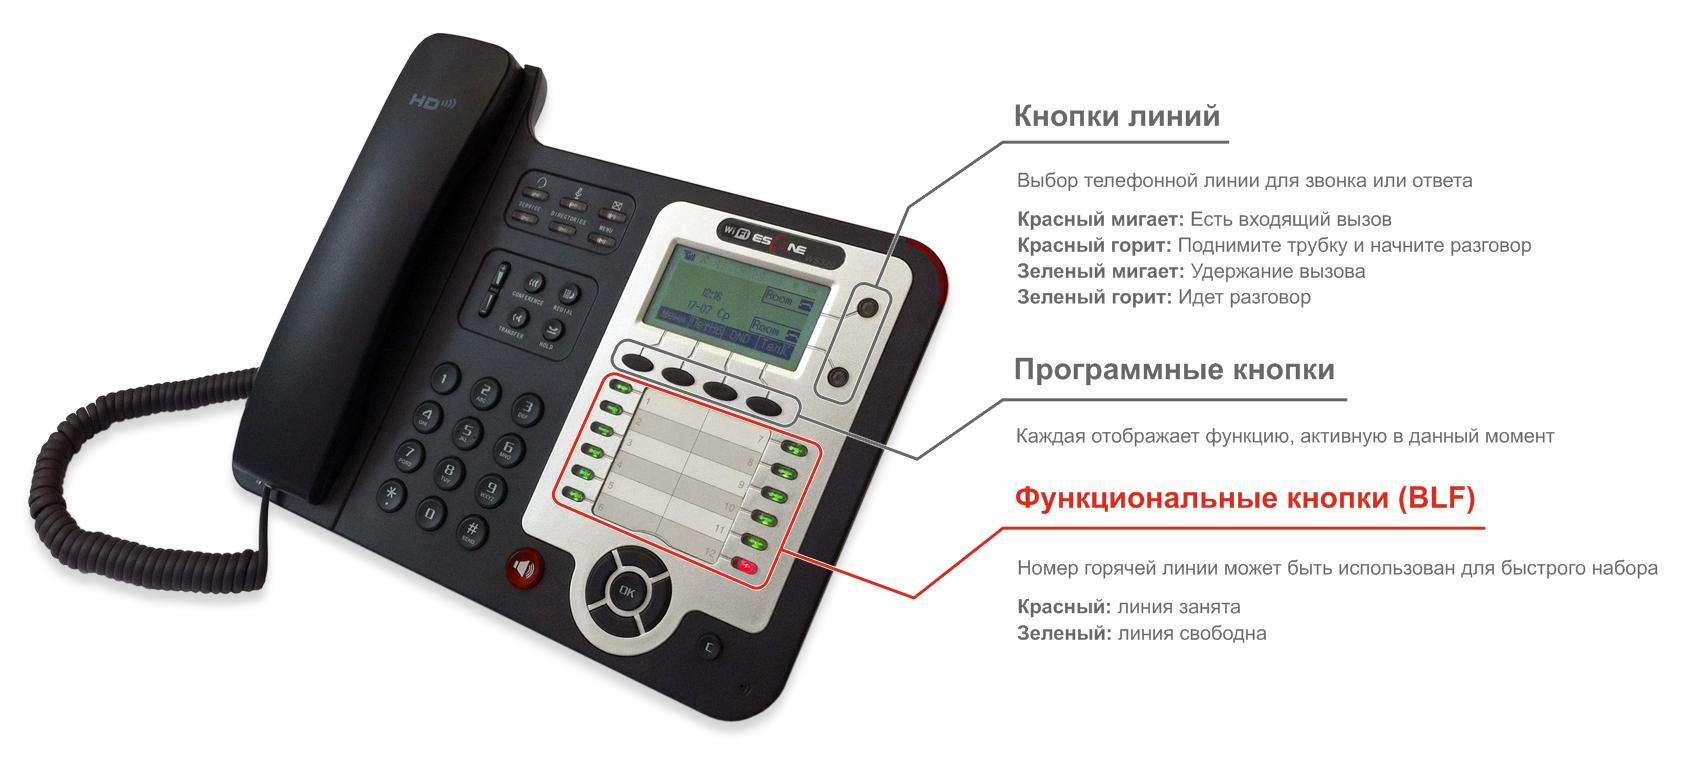 Функциональные кнопки (BLF) IP-телефона Escene WS320